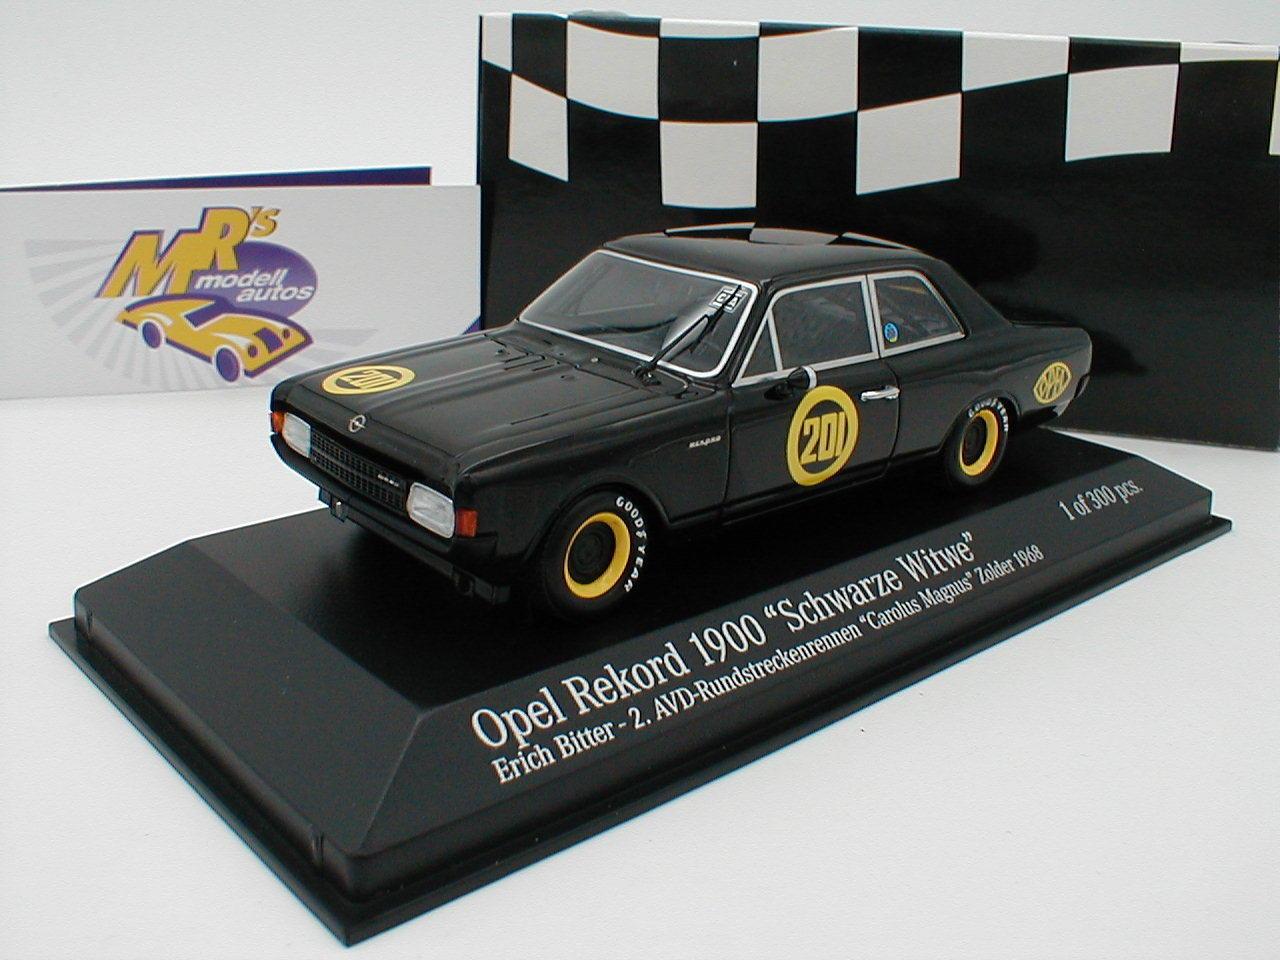 MINICHAMPS MINICHAMPS MINICHAMPS 437684601-Opel Record 1900  Veuve Noire  No. 201 E. amer 1 43 dd21b0